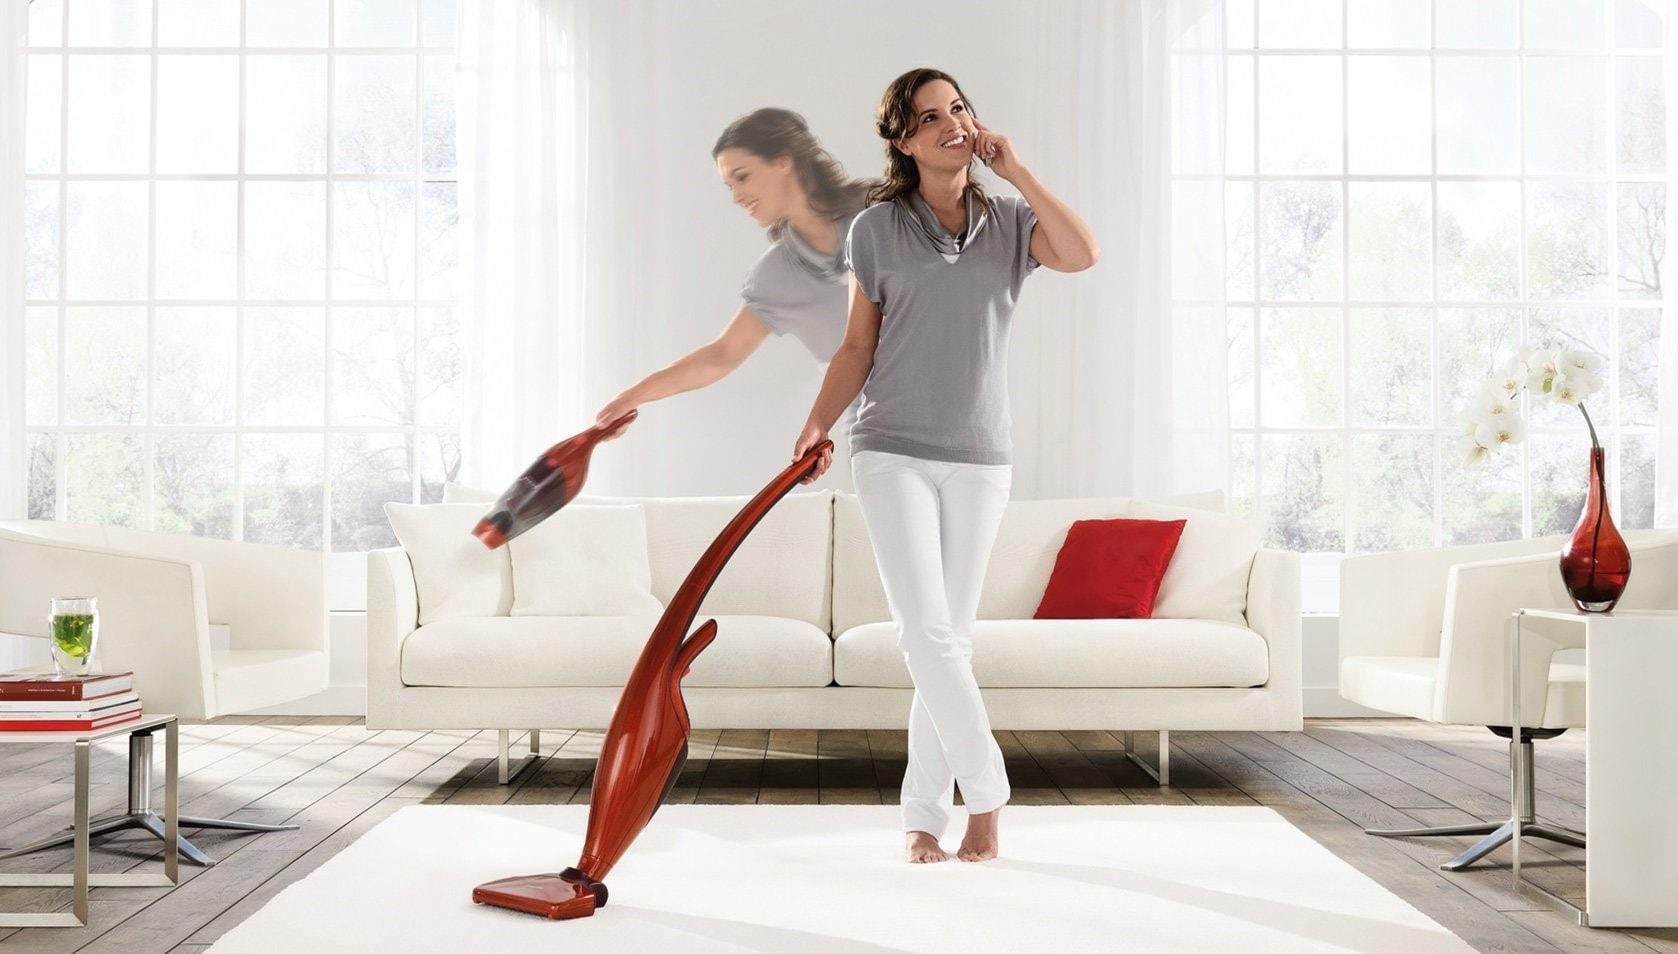 Как убрать неприятный запах в квартире?